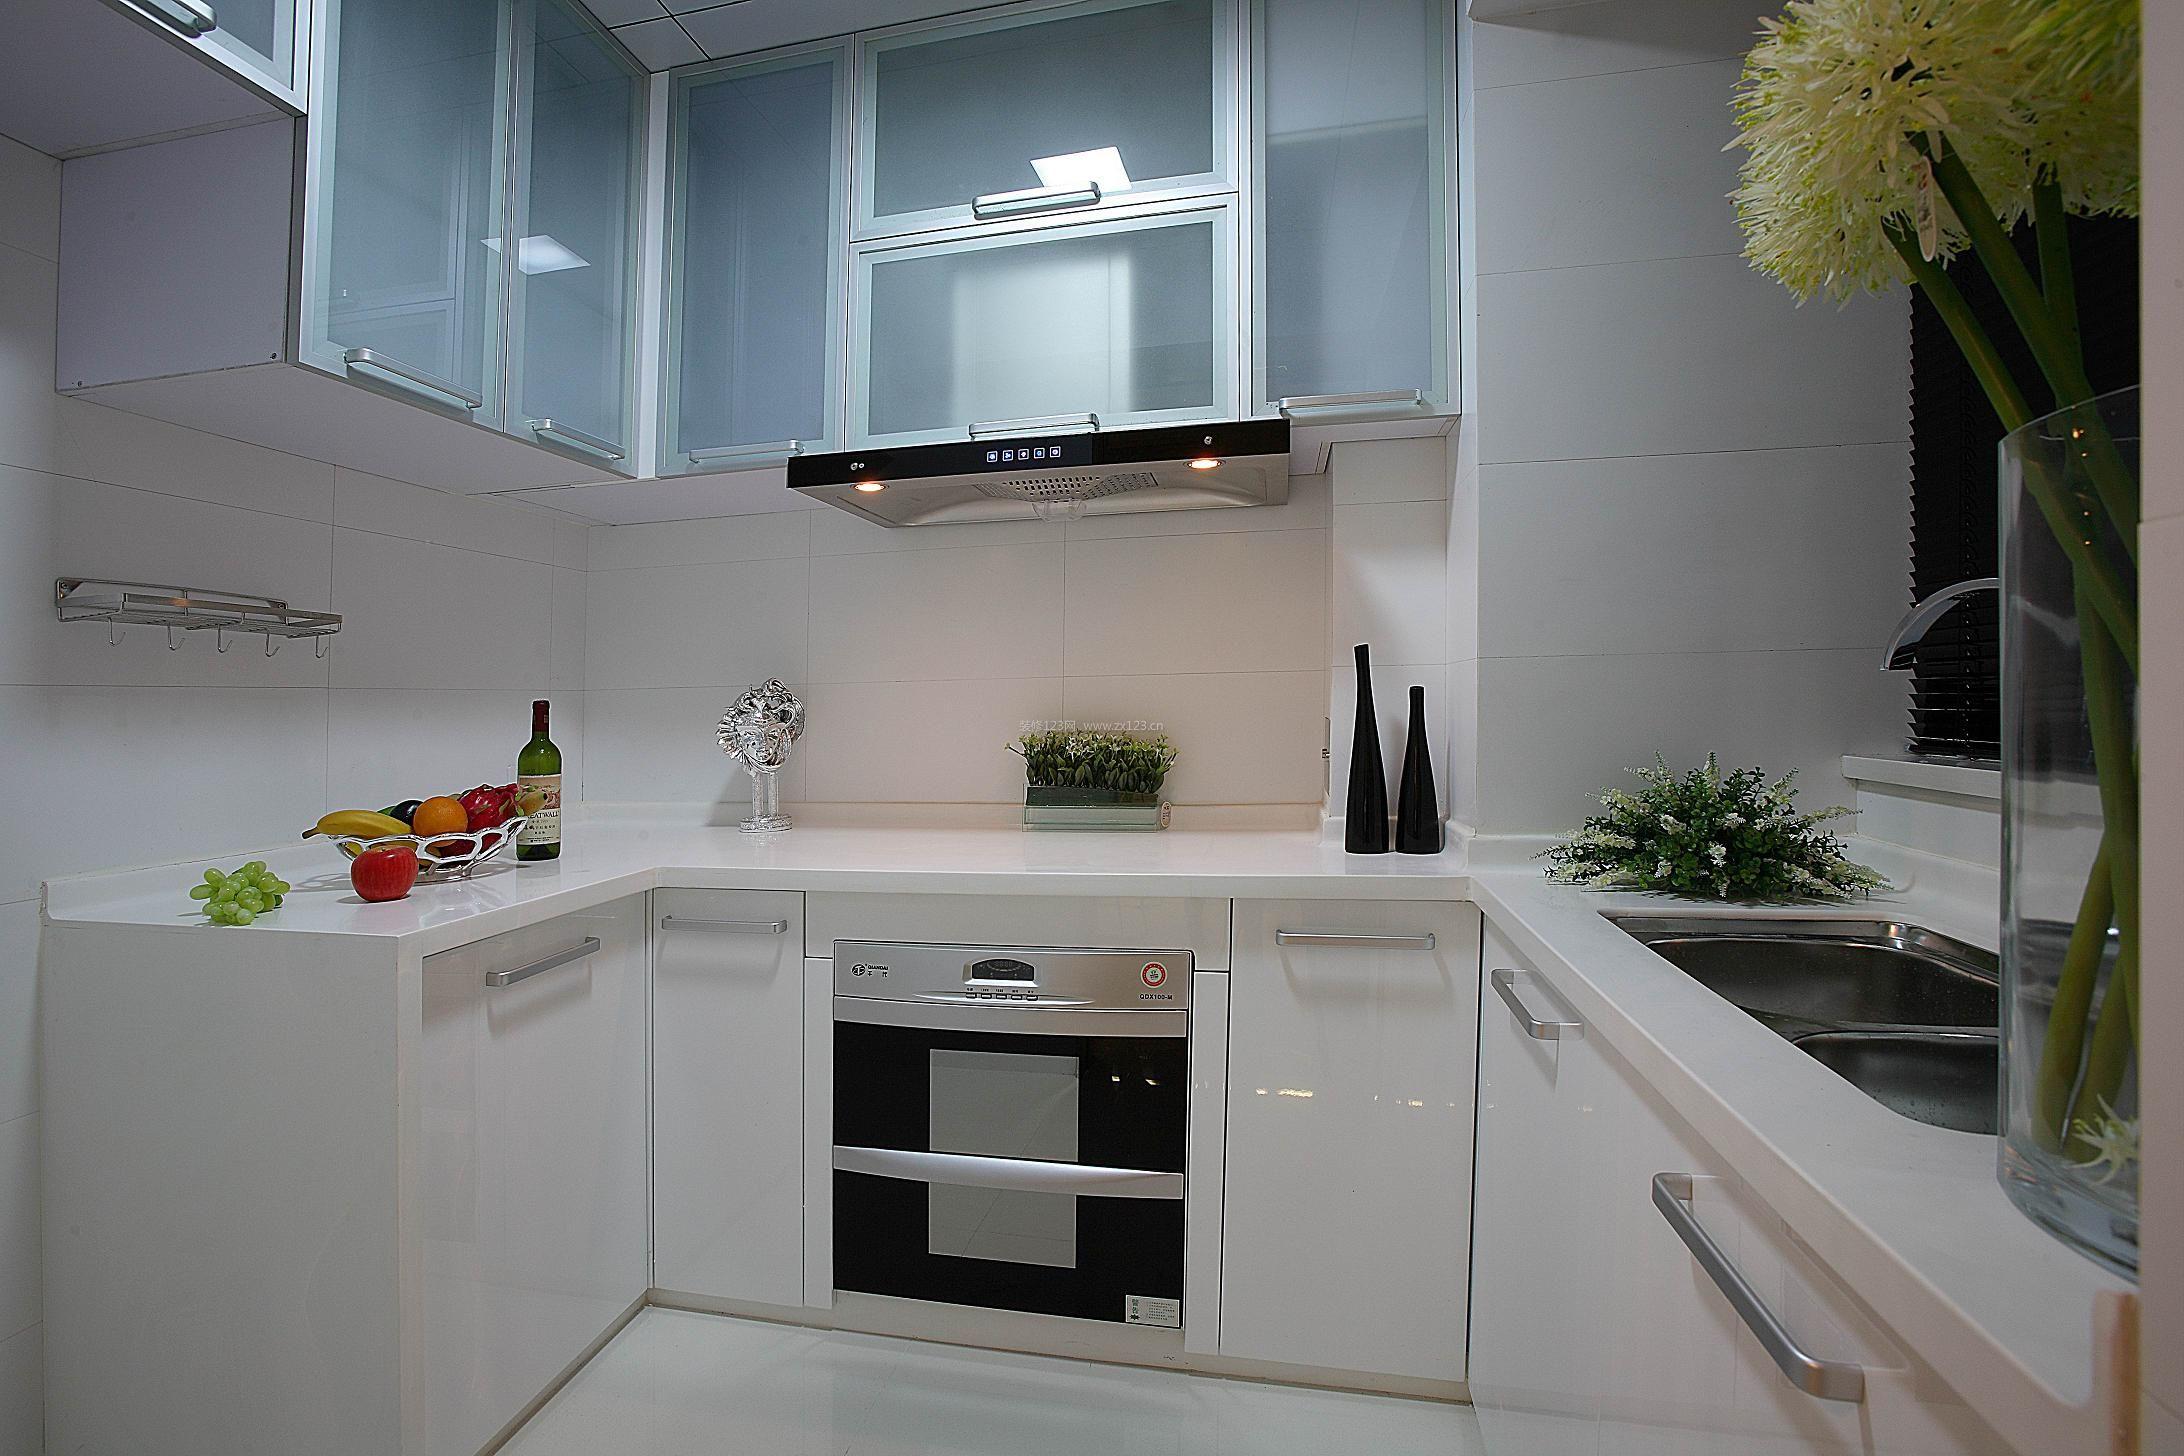 大厨房橱柜设计图展示